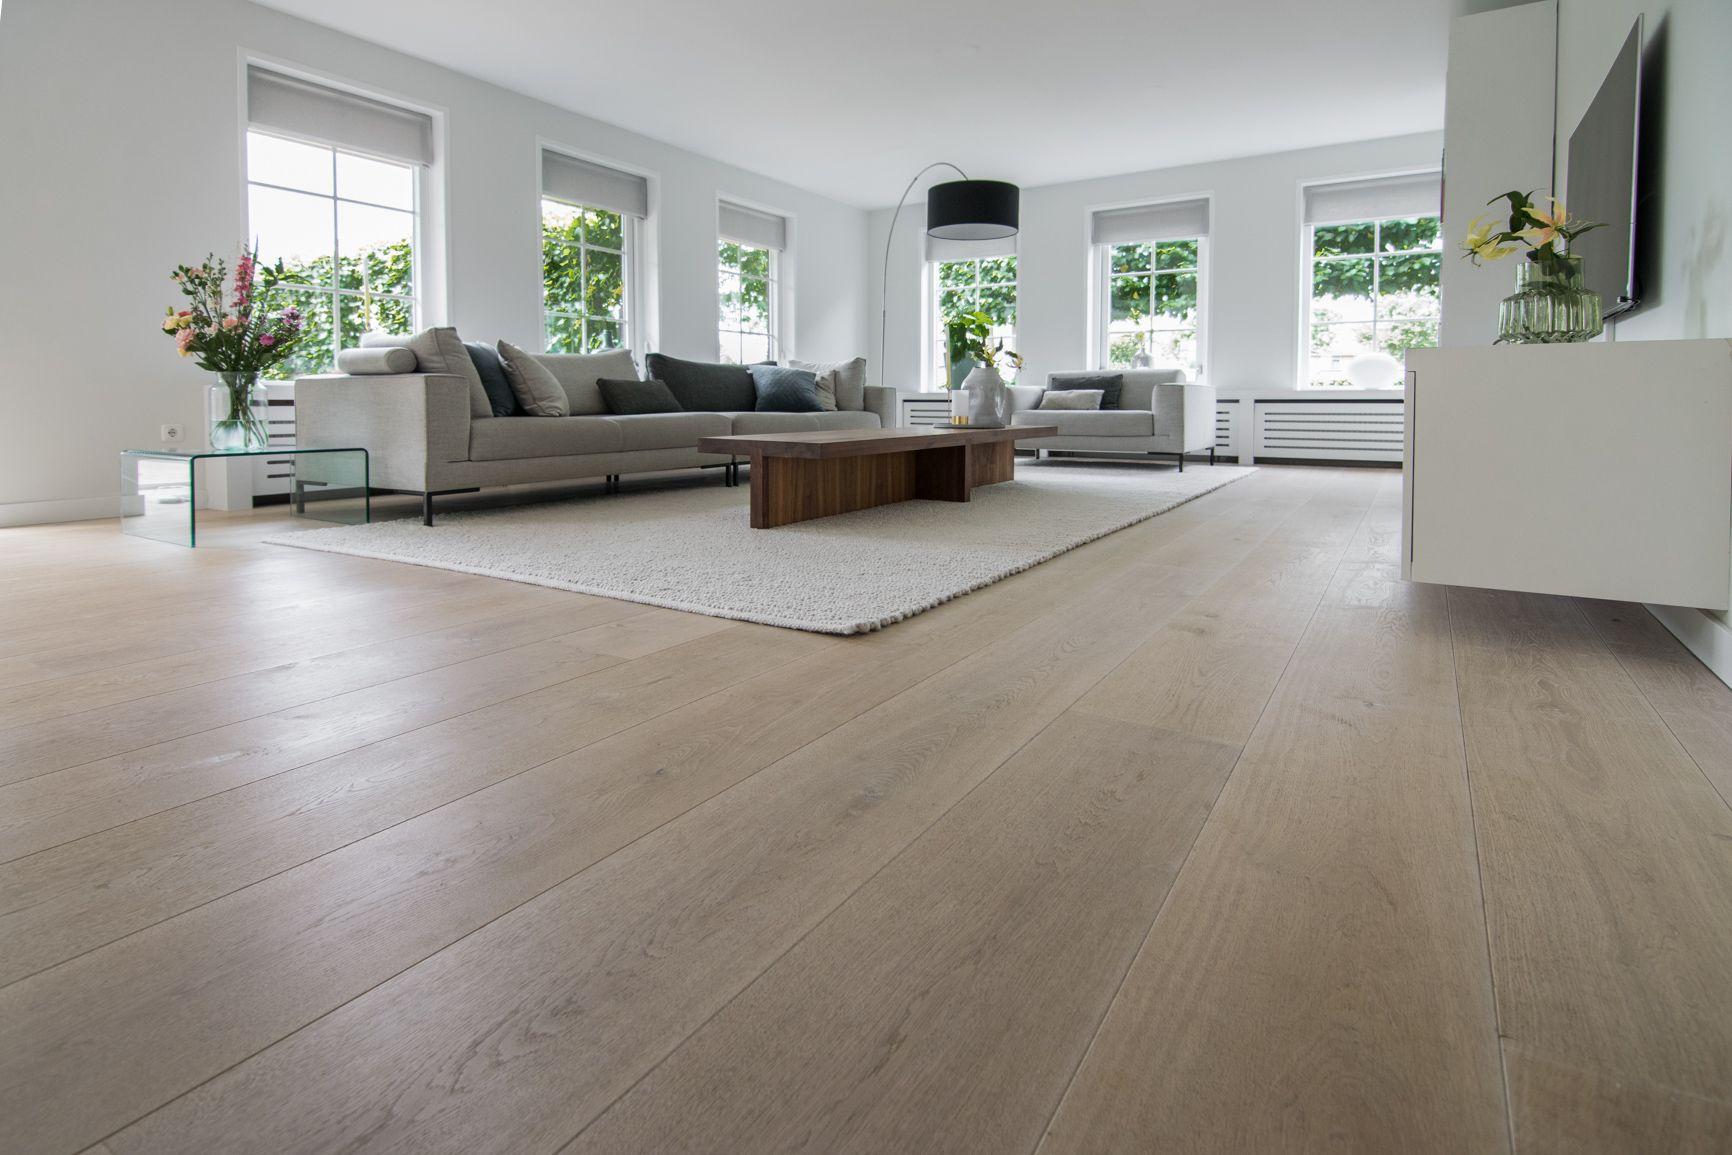 Prachtige Europees eikenhouten vloer gelegd in combinatie met vloerverwarming. D...